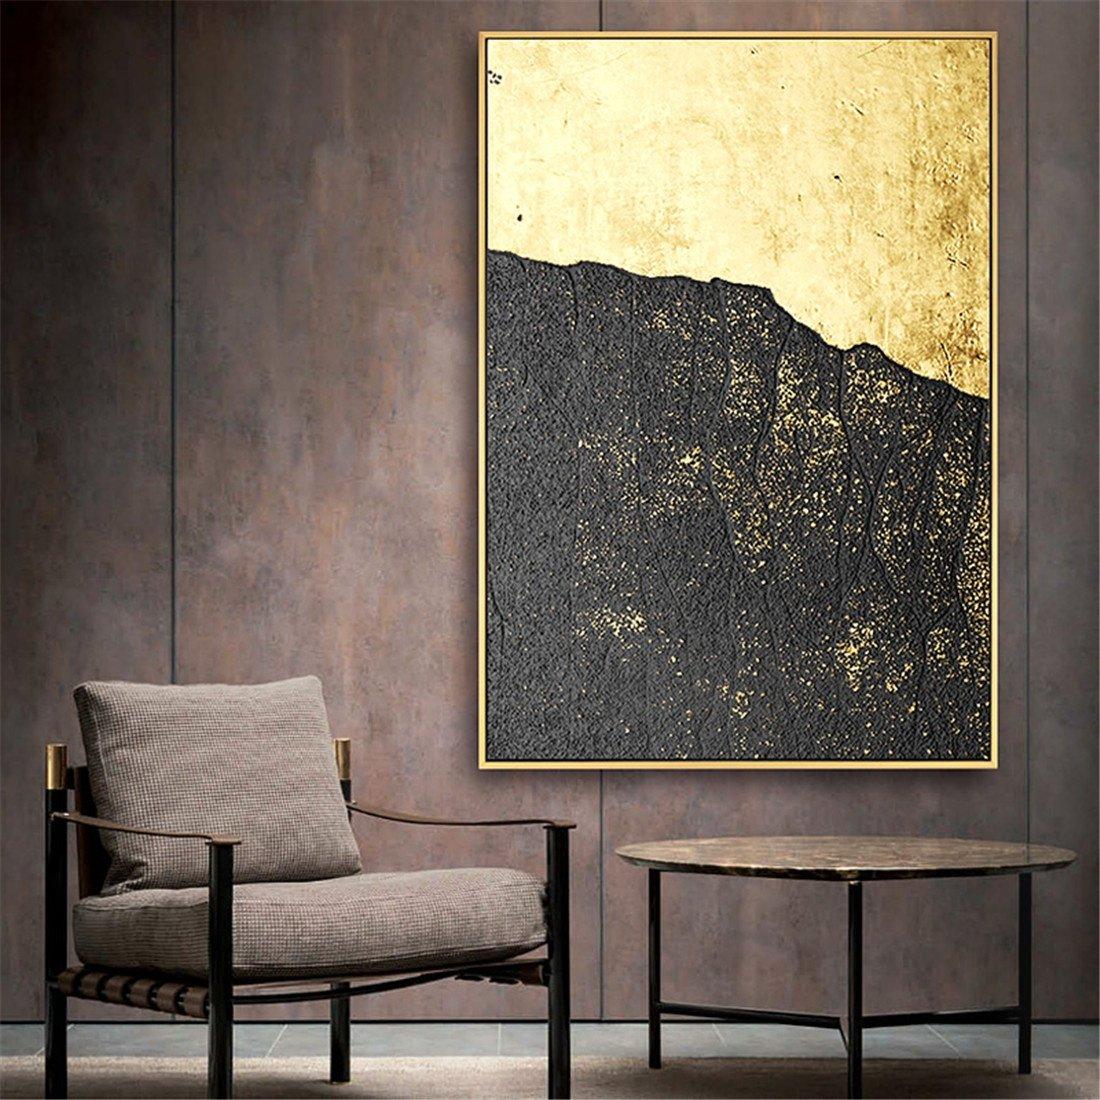 Pittura Pareti Stile Moderno.Bing Stile Moderno Pittura Decorativa Astratta Soggiorno